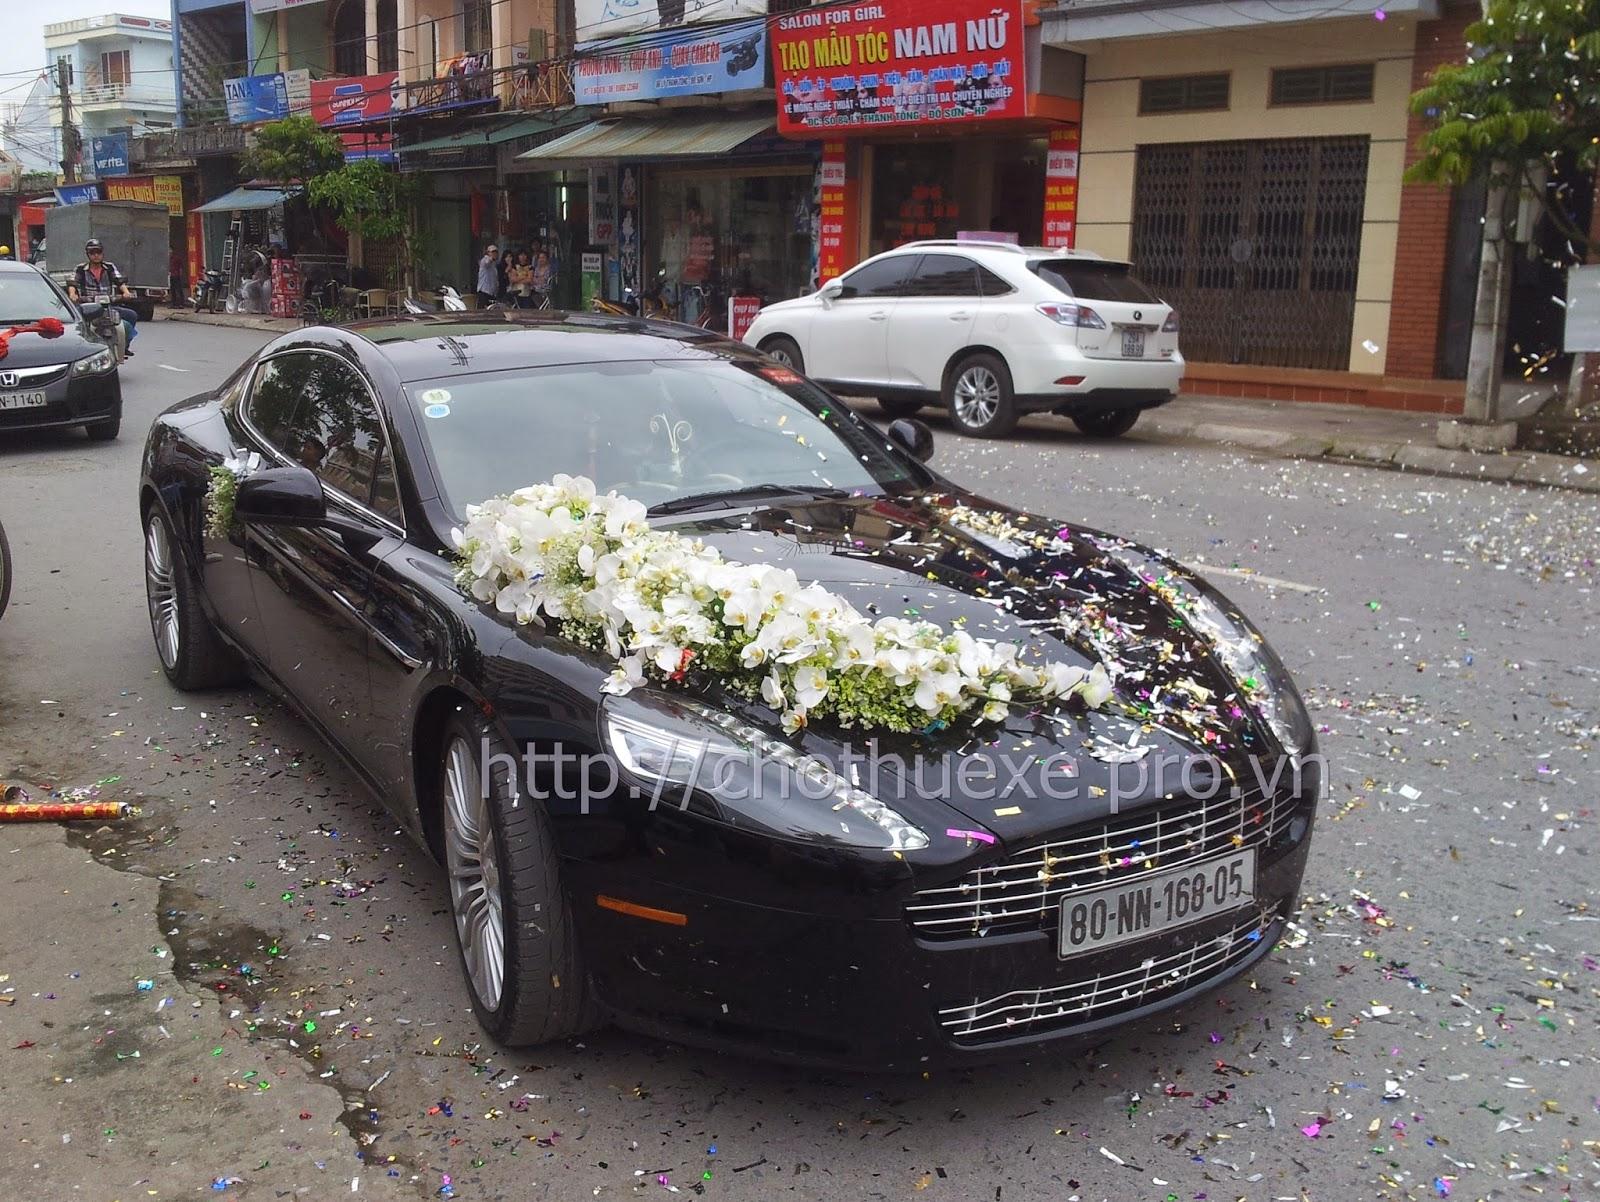 Cho thuê xe cưới  Aston Martin Rapide - siêu xe đẳng cấp tại Hà Nội 1